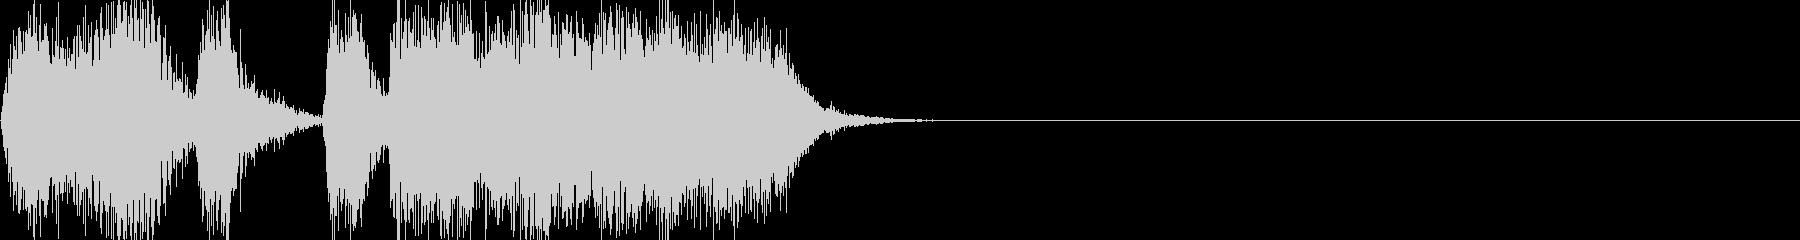 テーレッテレー(懐かしのCM風)の未再生の波形